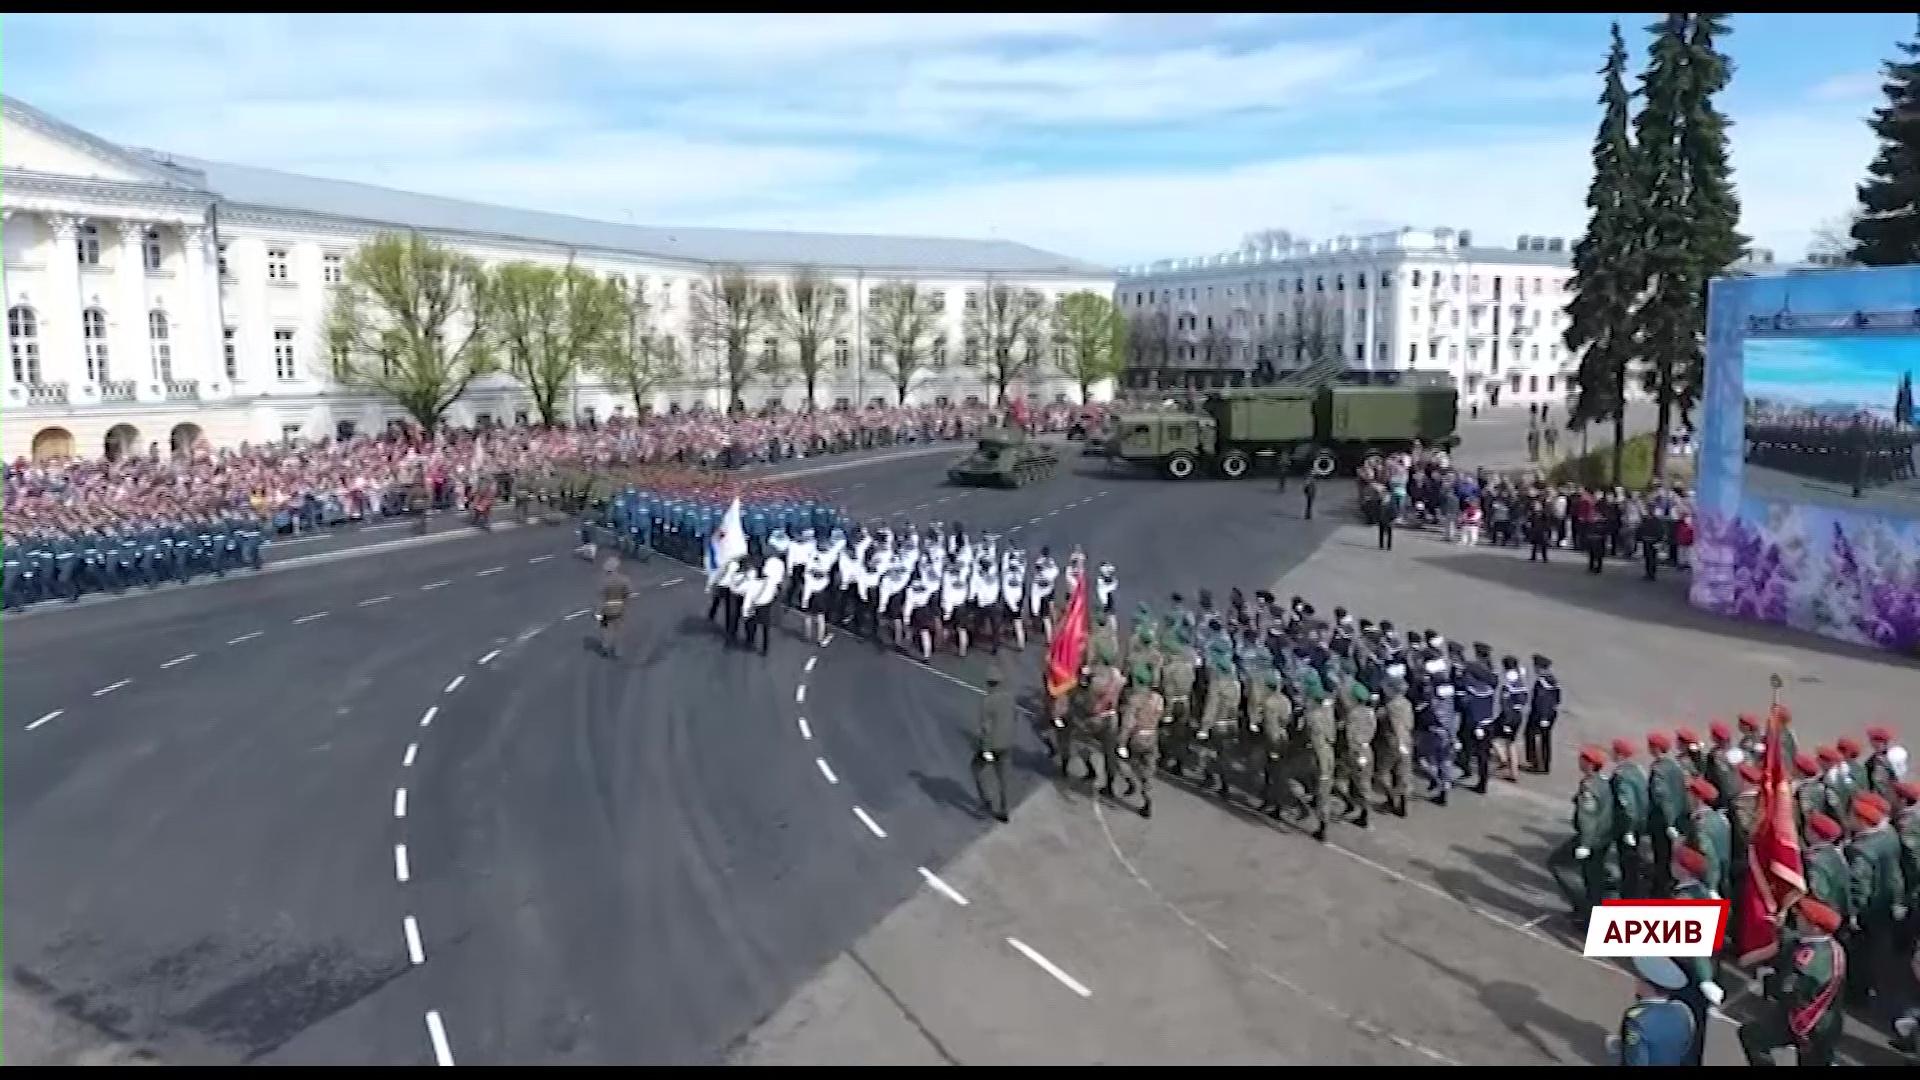 Ярославль не попал в список городов, где пройдет Парад Победы